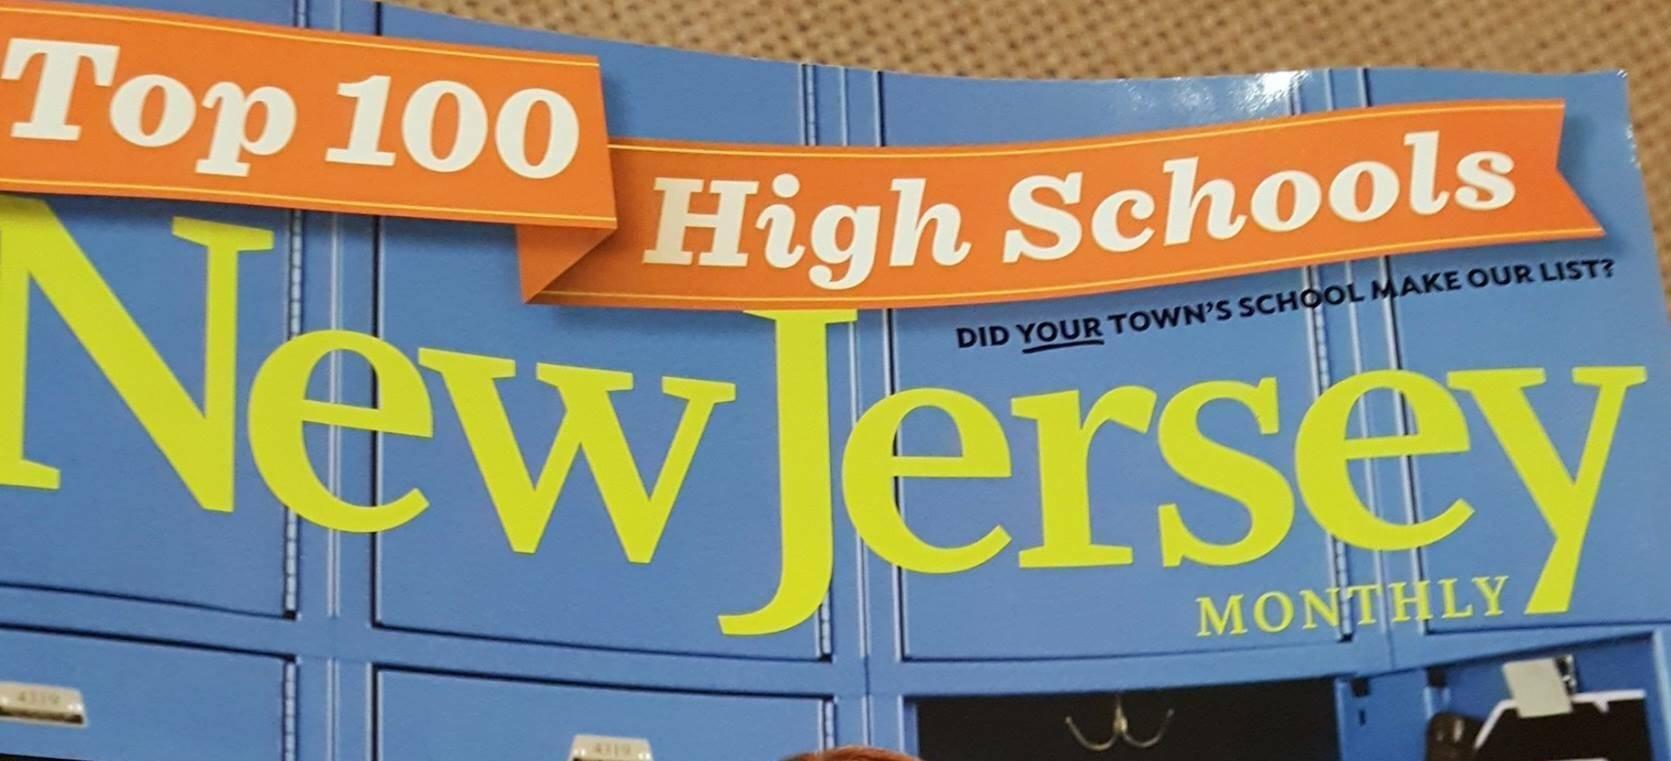 Millburn Ranks No. 4 on NJ Monthly's Top 100 Public High Schools in 2016